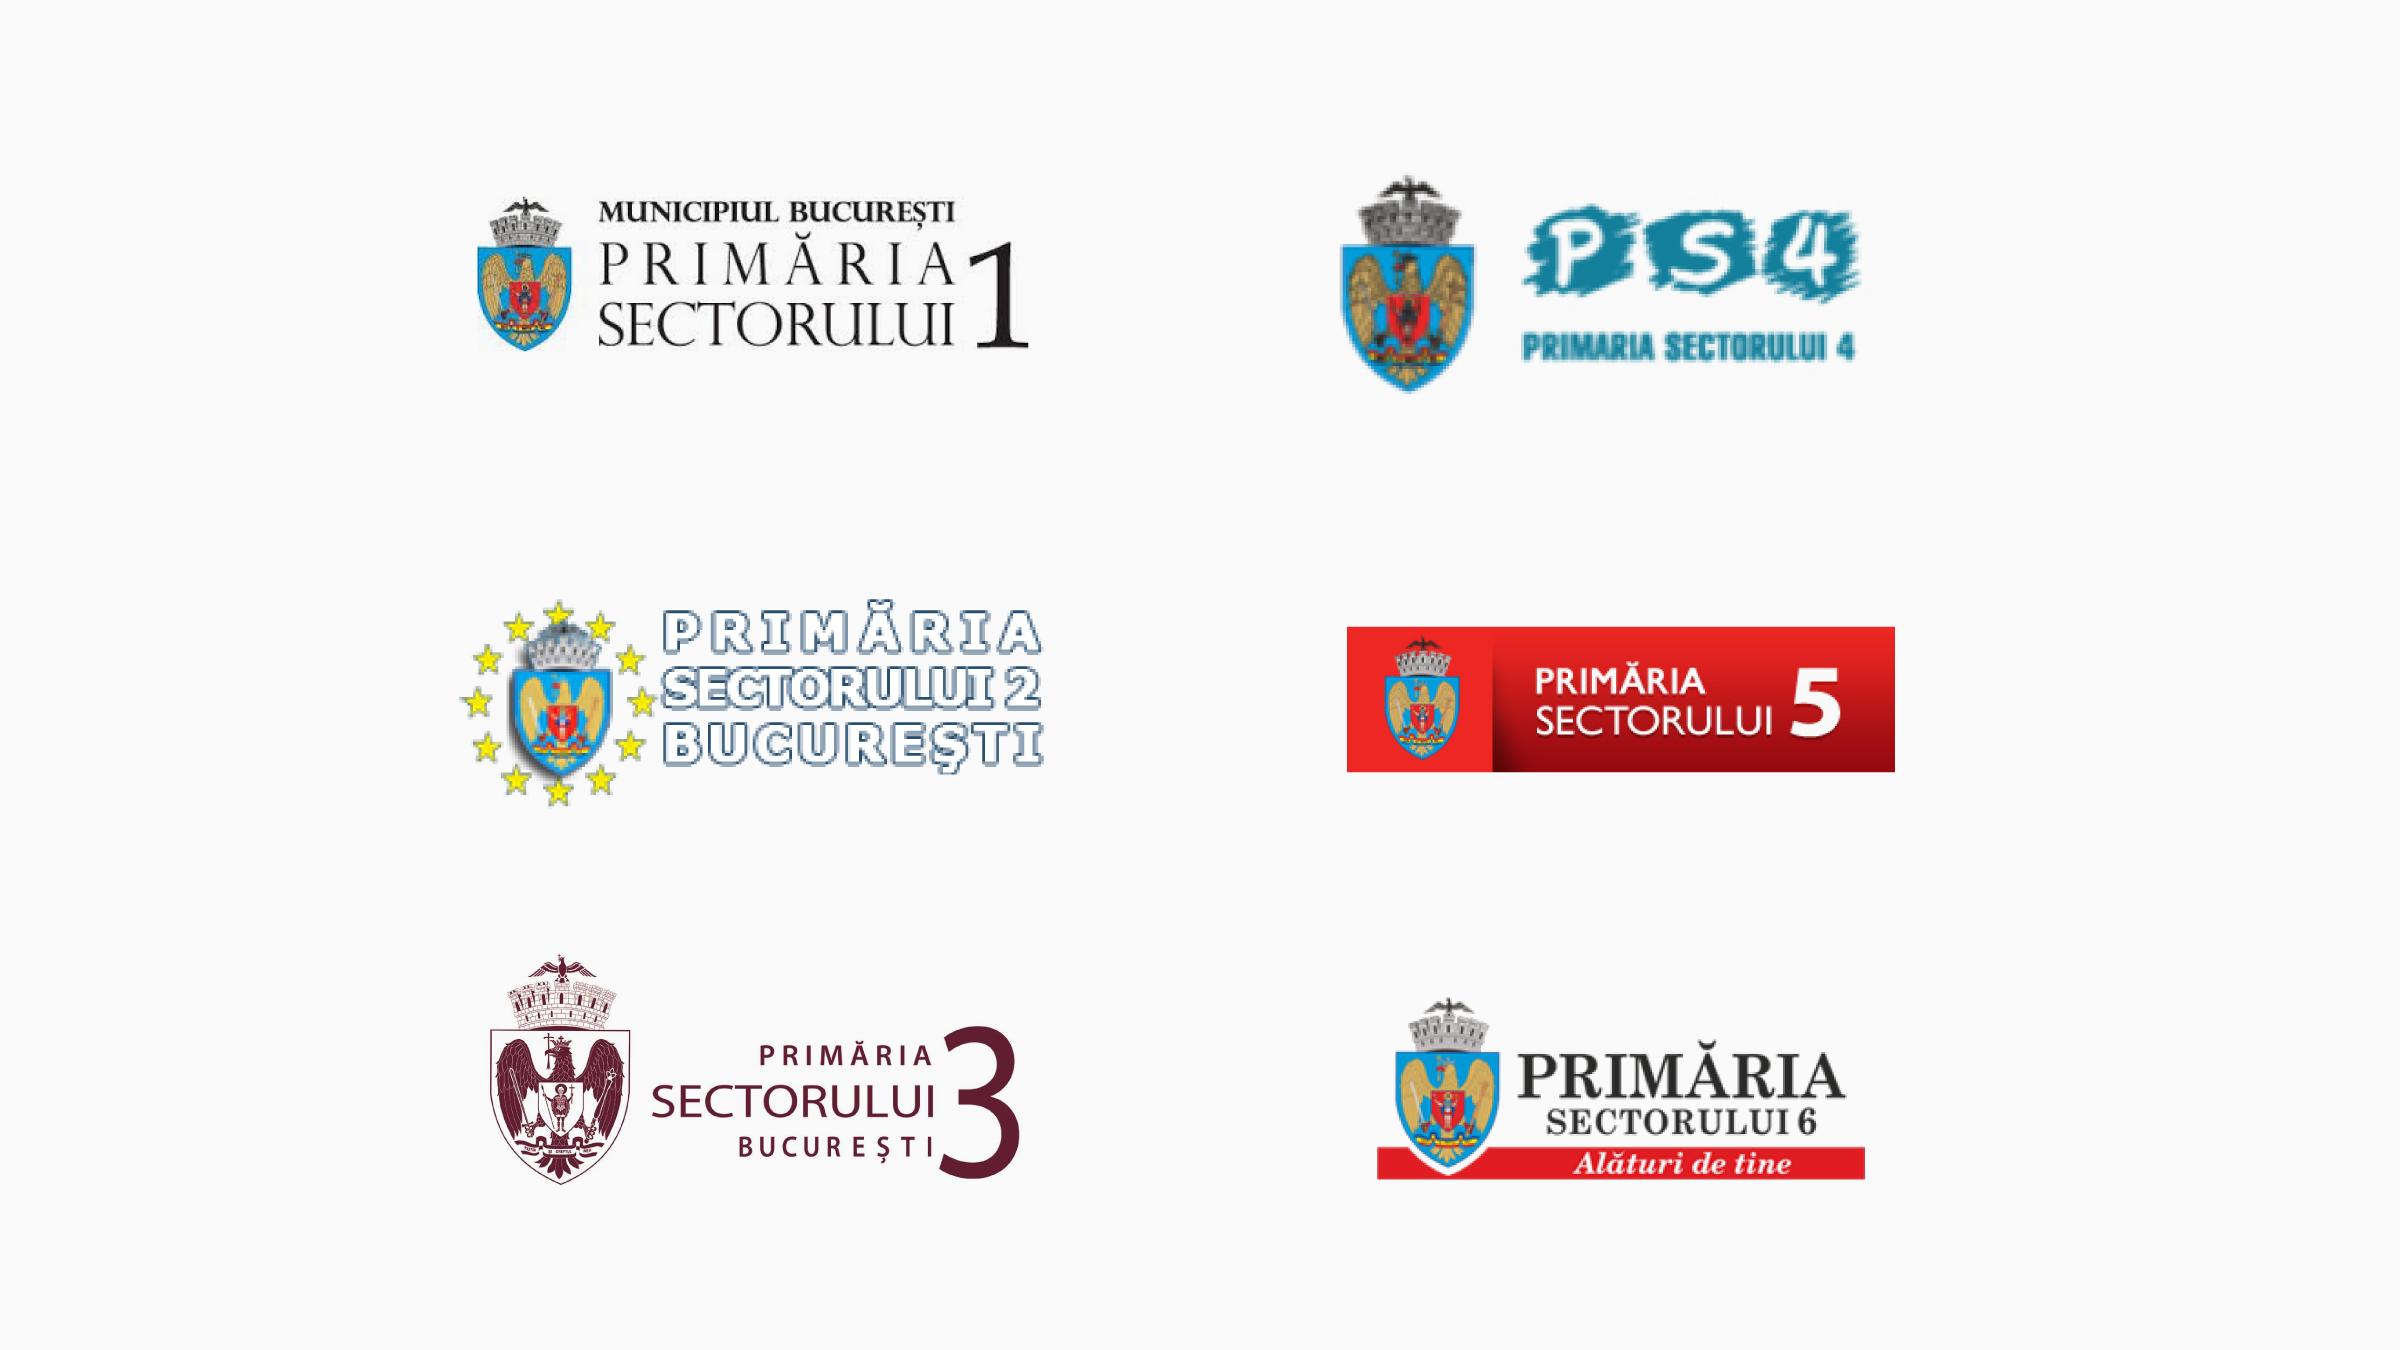 Primarii_sector_identitate_actuala.png